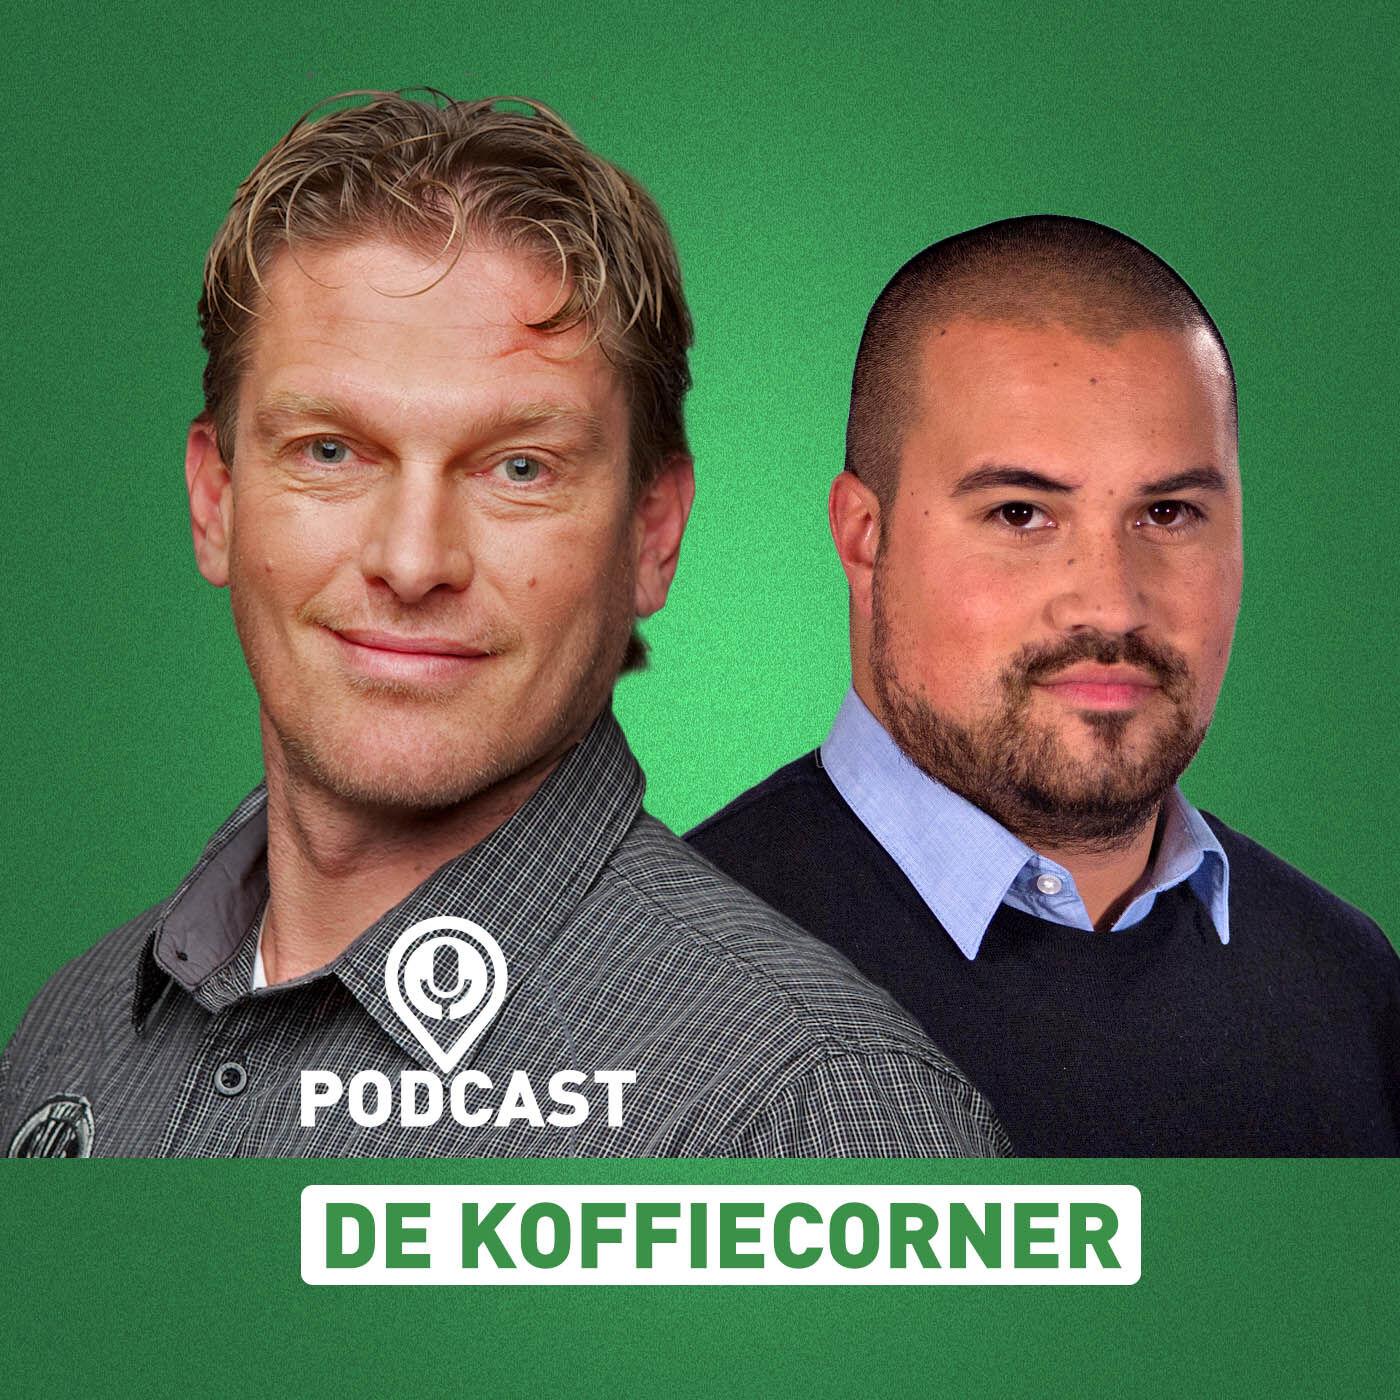 """De Koffiecorner #49 (met Arjan Taaij): """"Dynamo en Orion zijn de favorieten voor de titel, niet wij"""""""